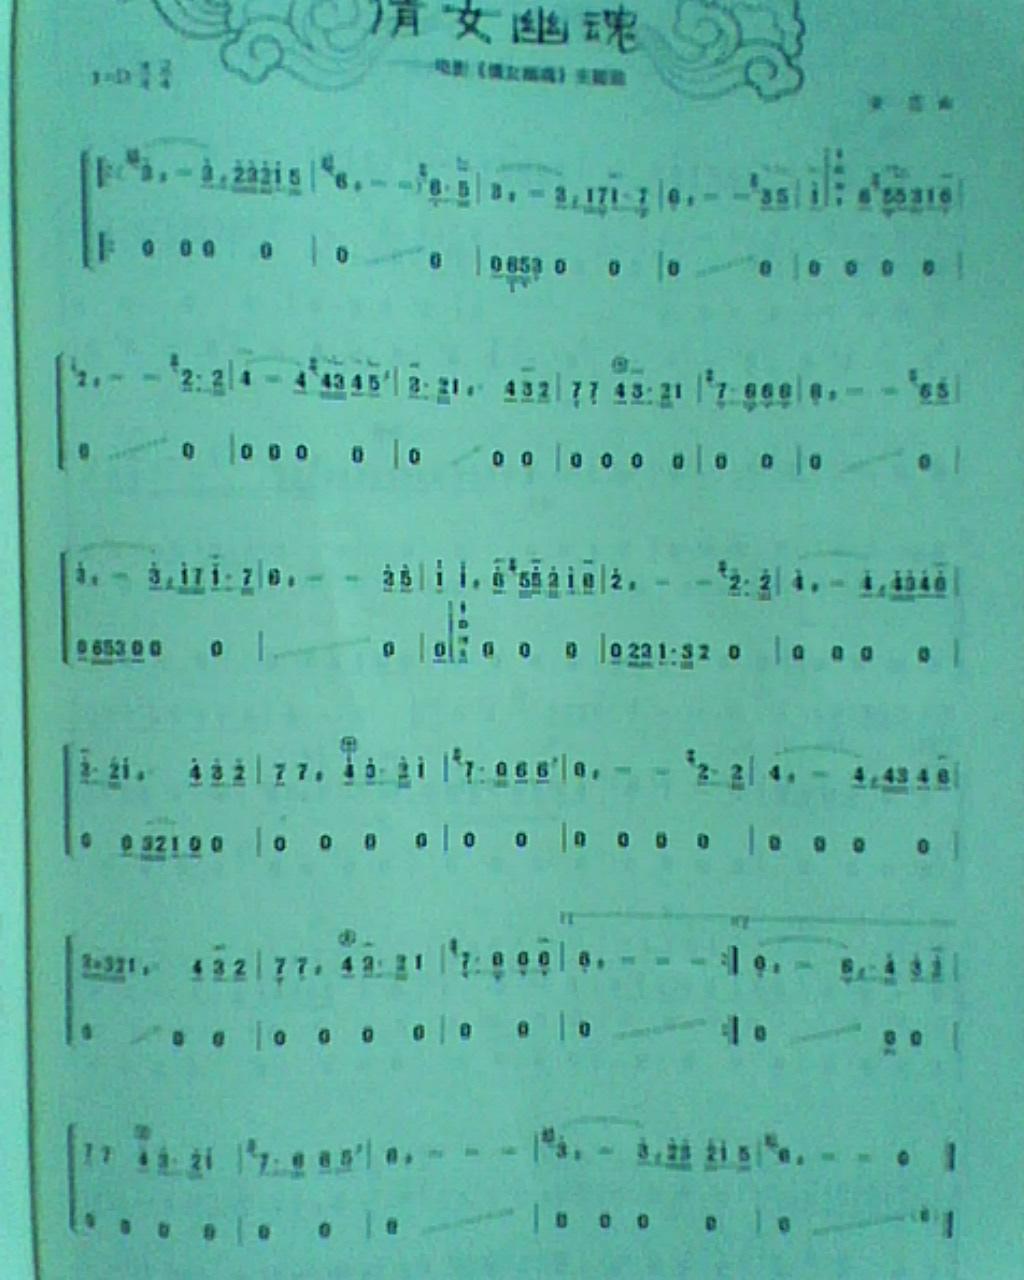 古典曲—古琴,古筝,琵琶,萧笛 请推荐些图片